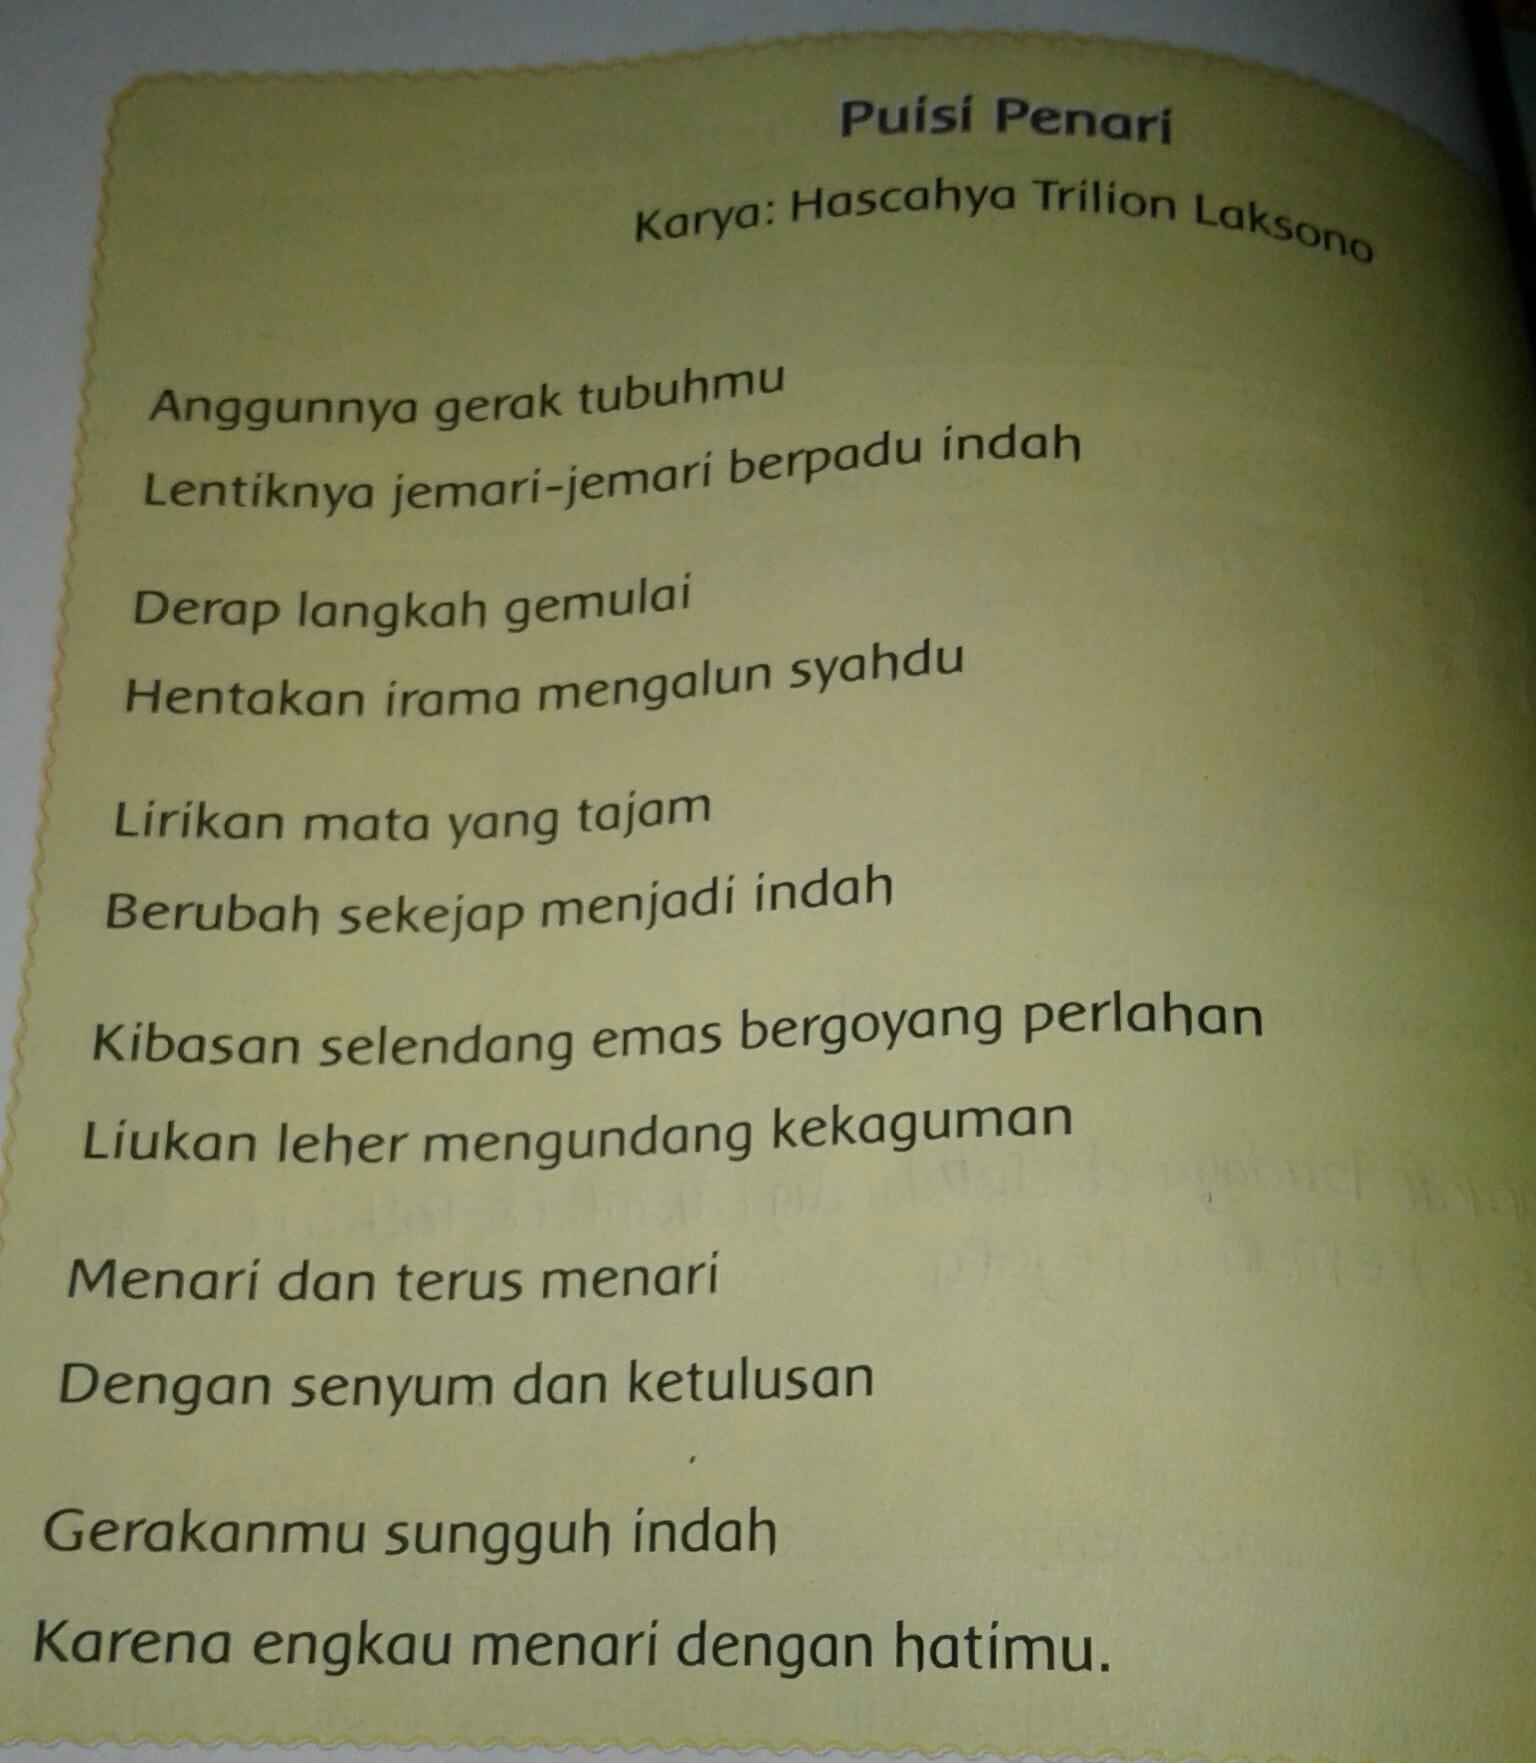 Puisi Guru Singkat 1 Bait - Kumpulan Puisi Nusantara